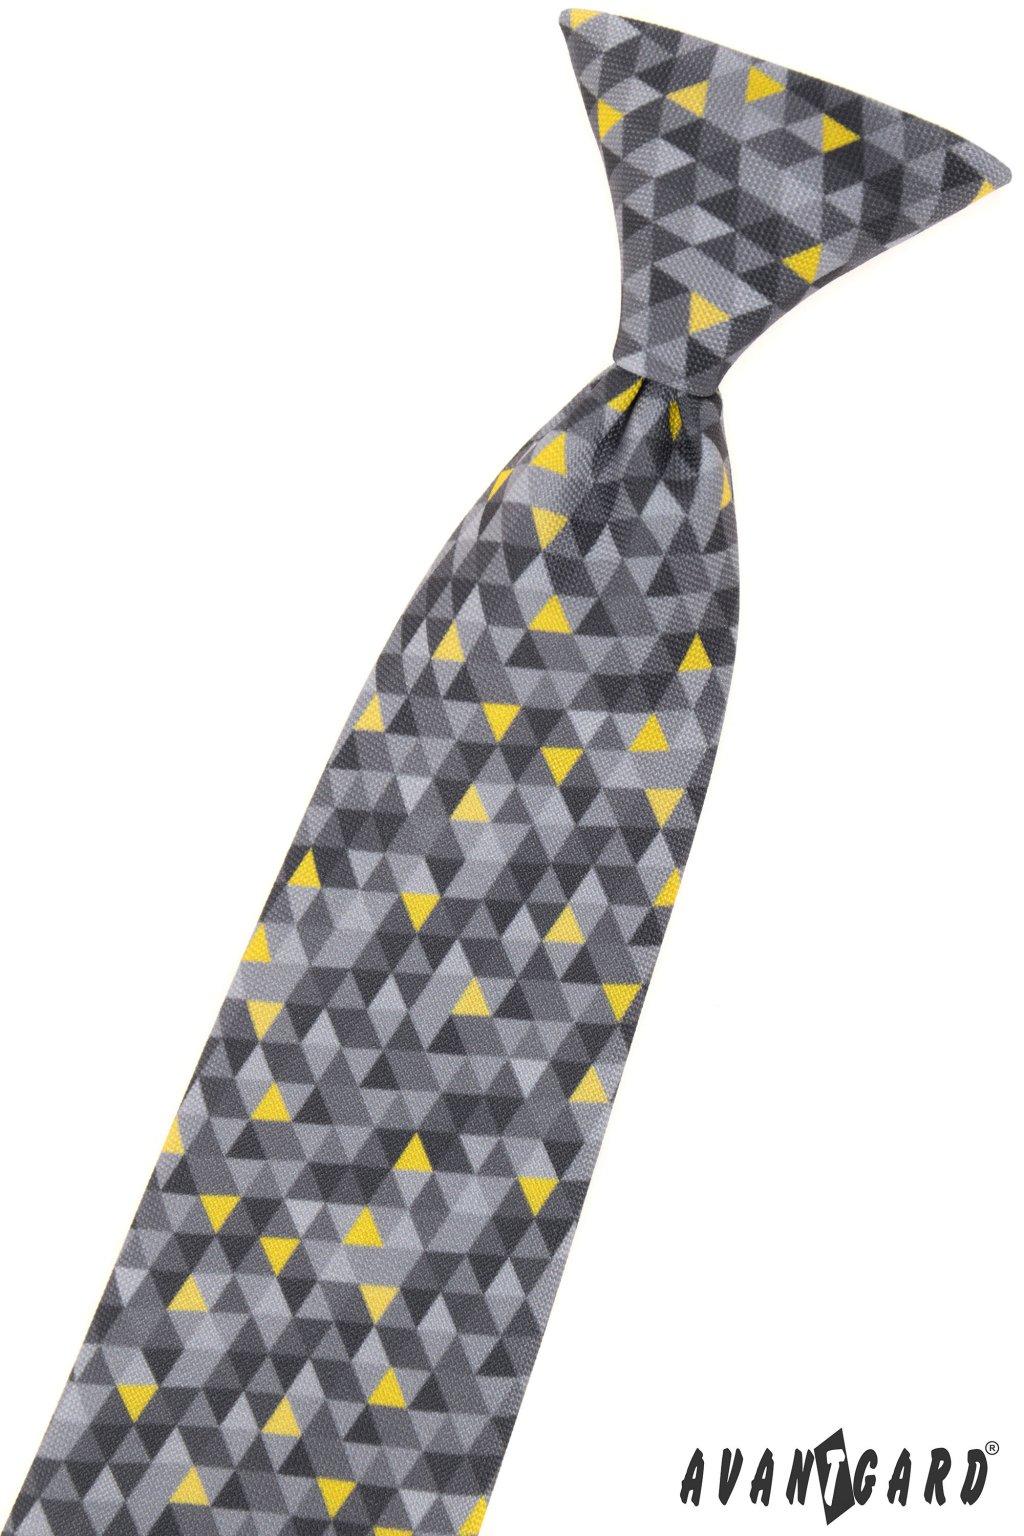 Chlapecká kravata šedá/žlutá, barva roku 2021 558 - 2021